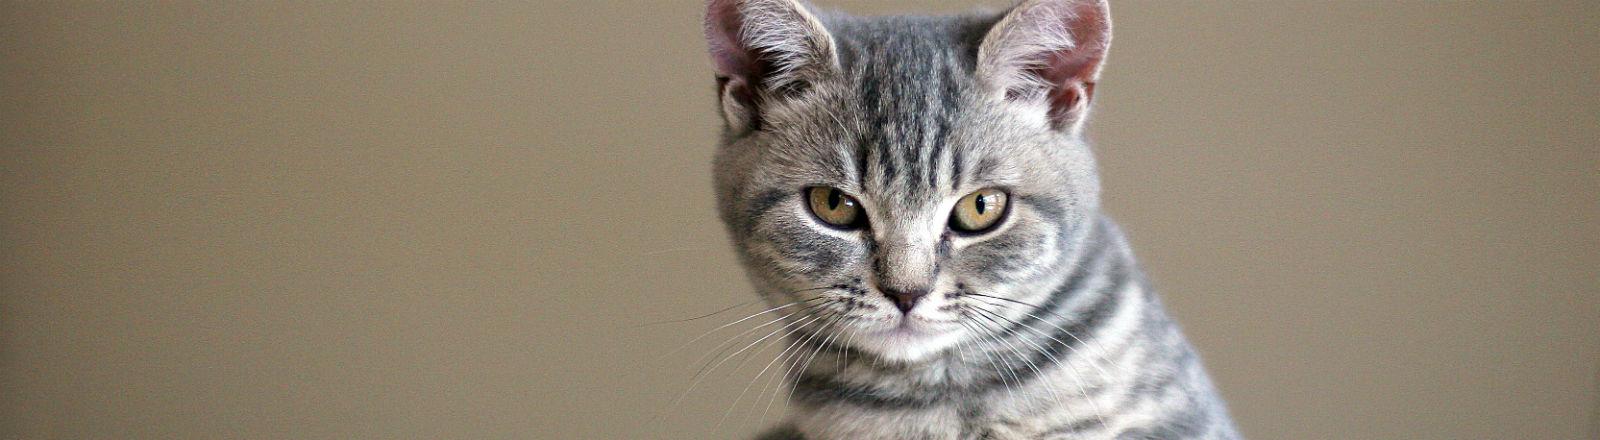 Eine junge Katze guckt böse in die Kamera.